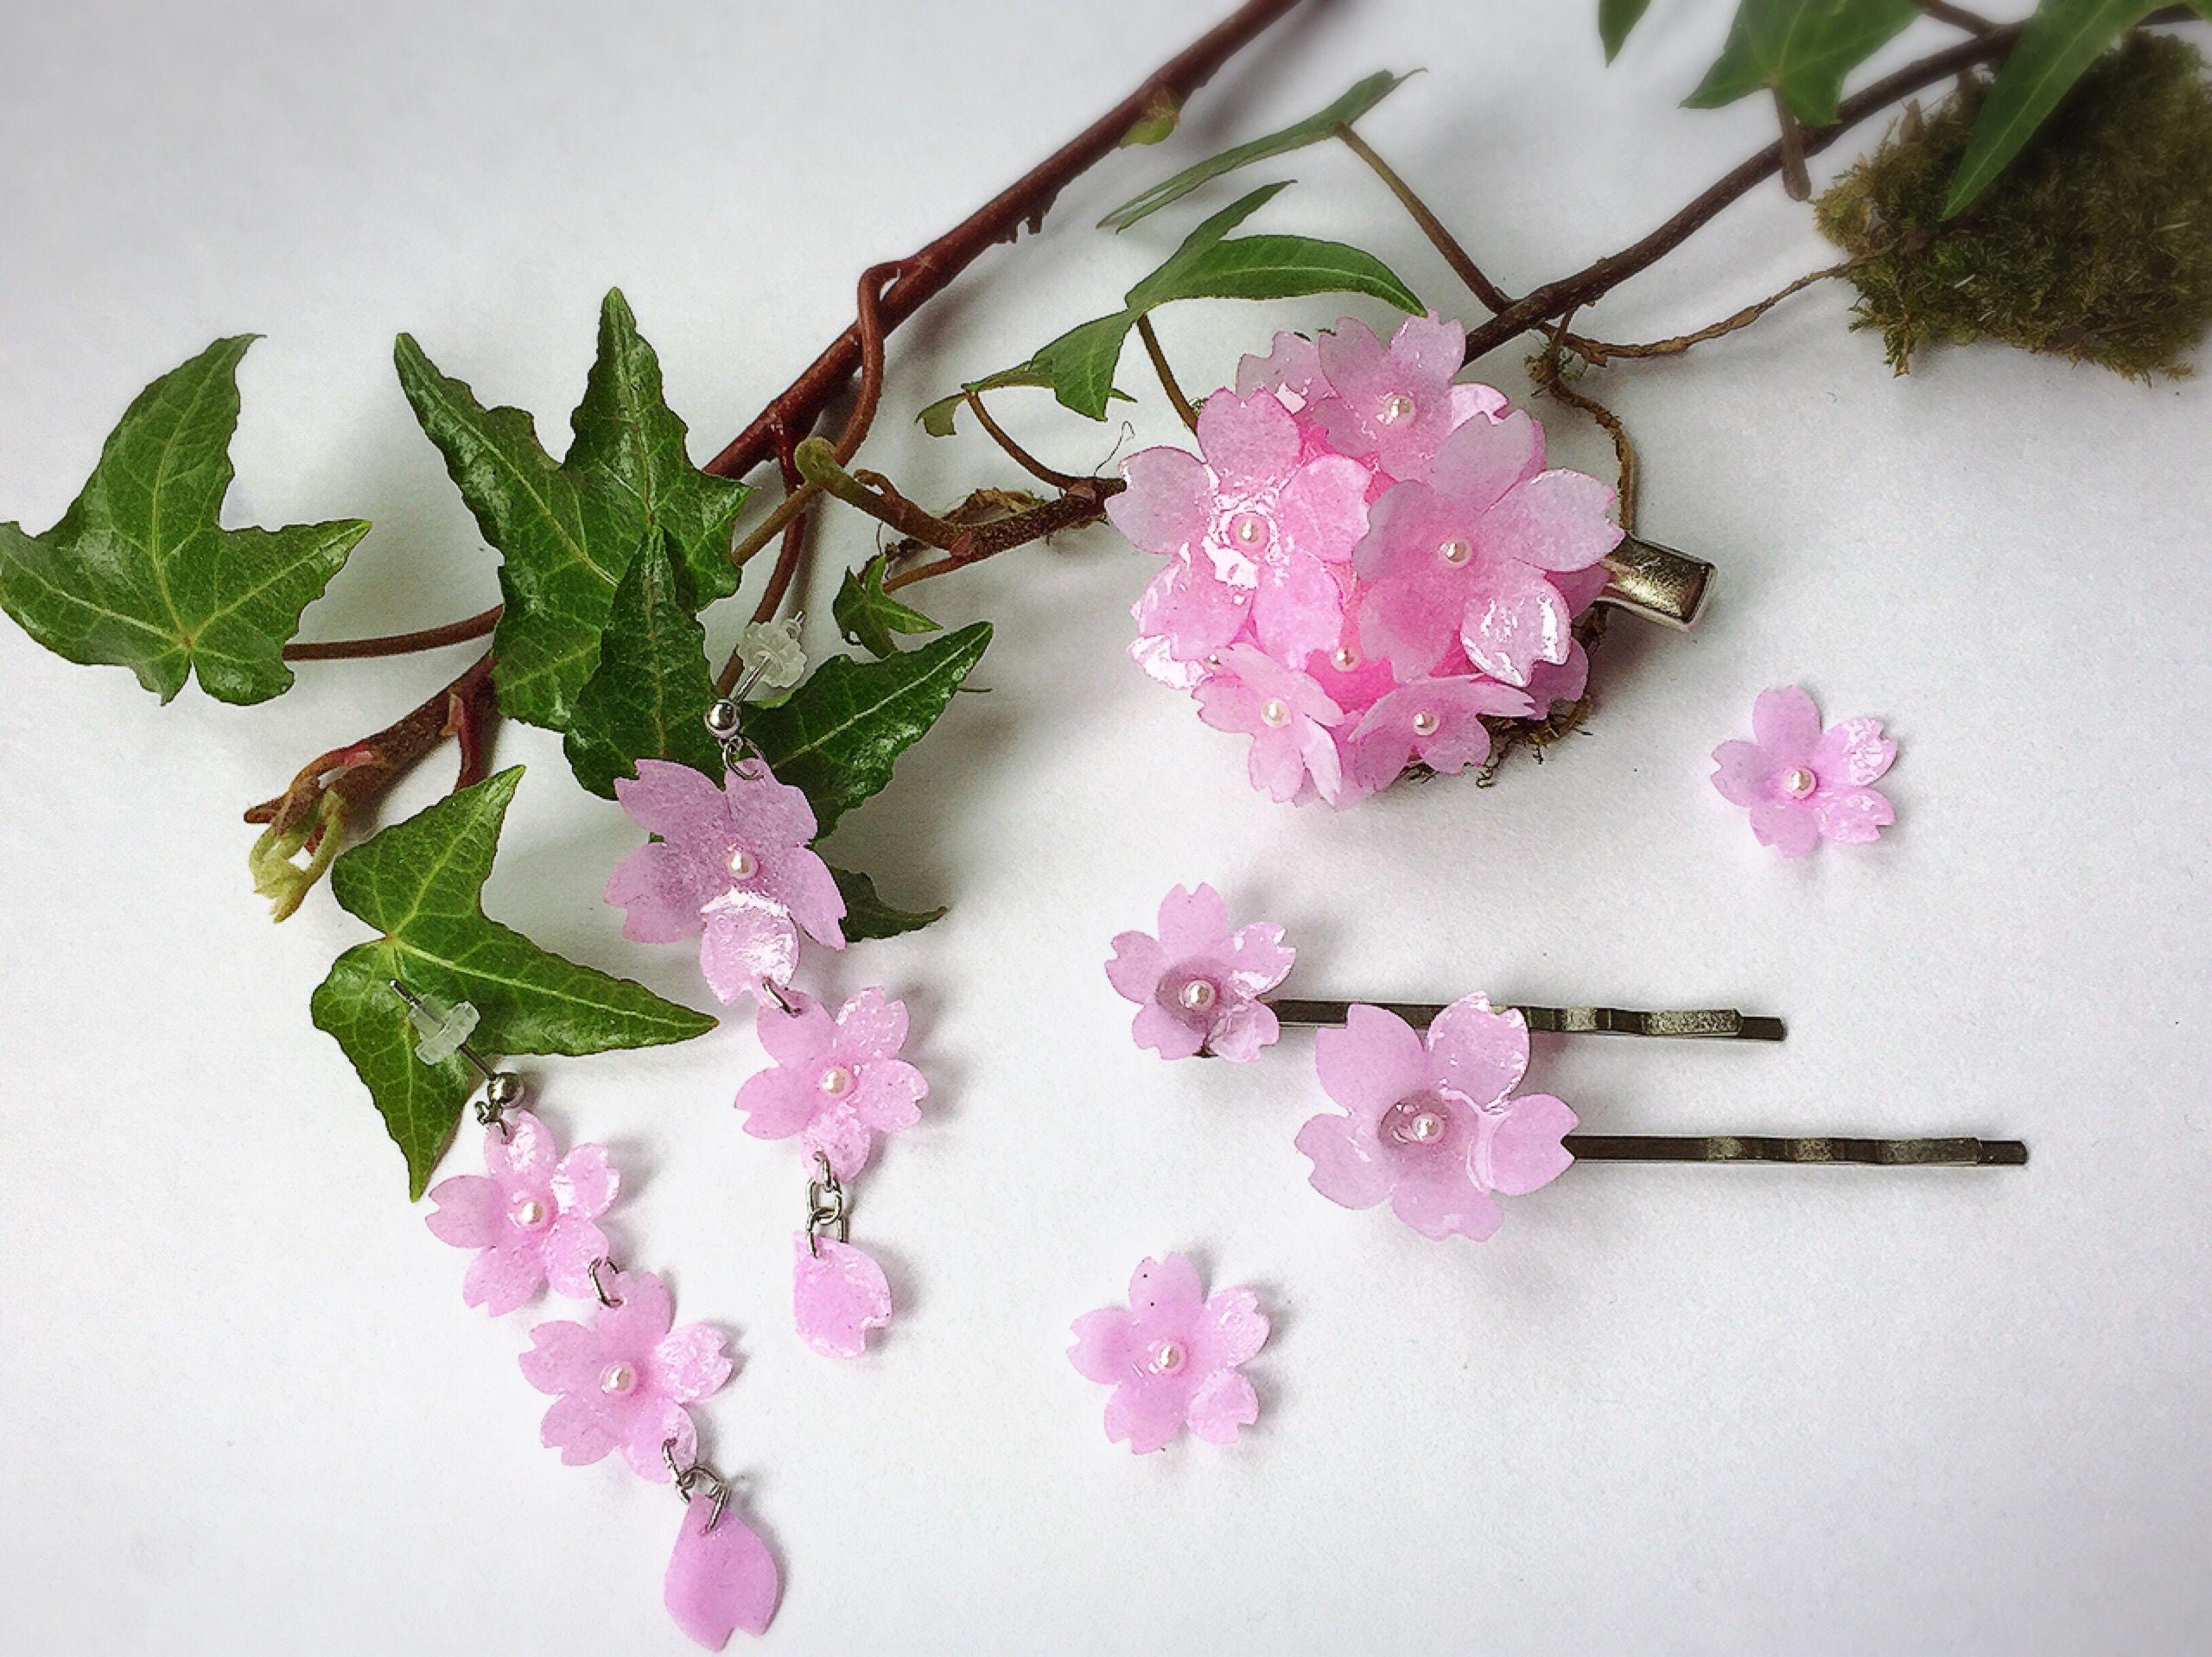 ダイソーレジンとコピー用紙で桜のアクセサリー